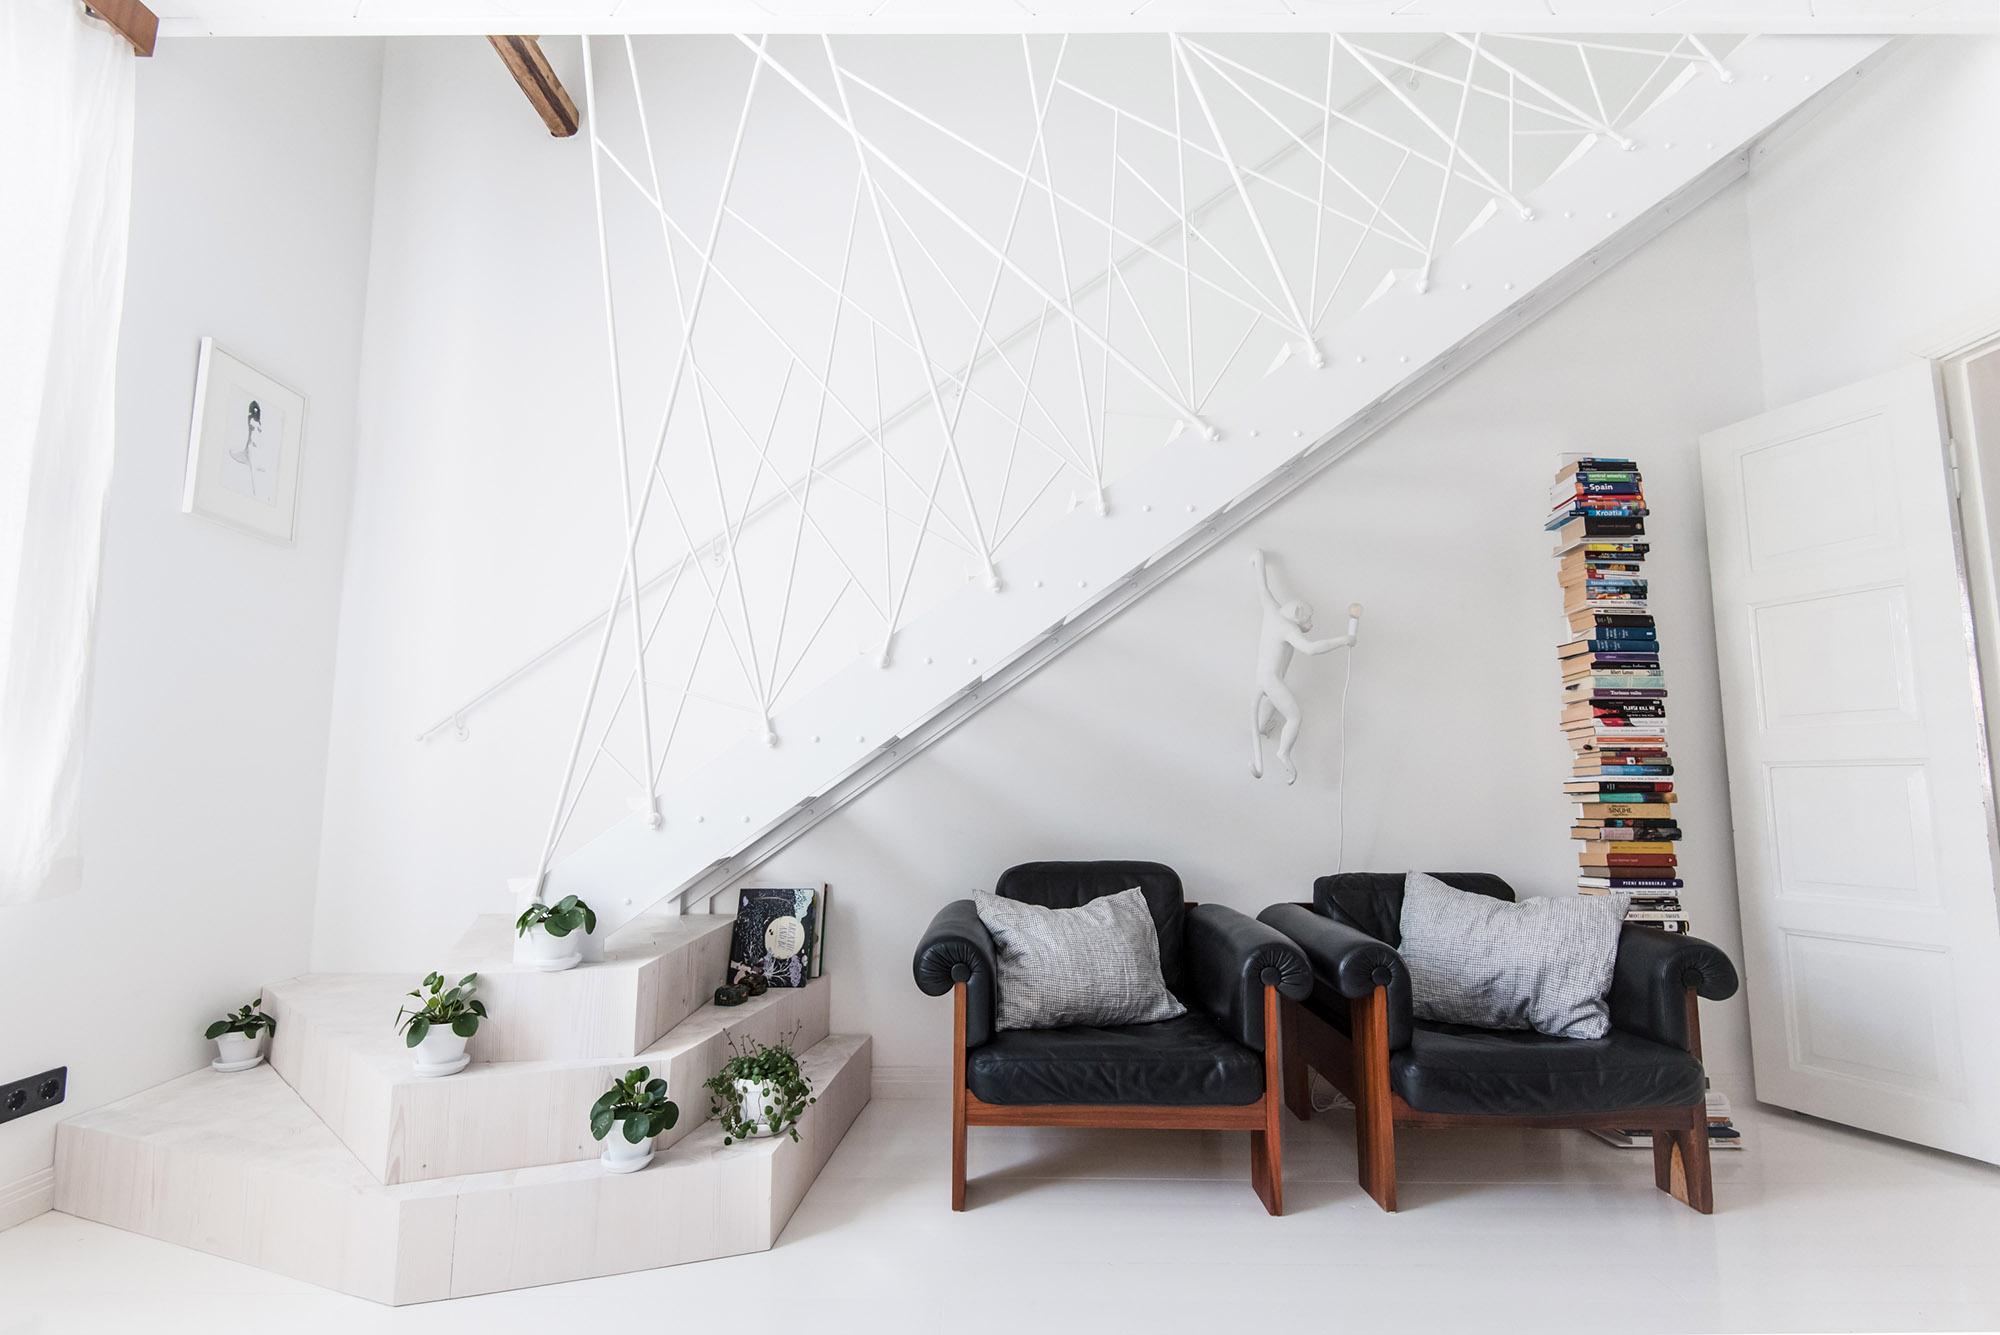 Moderni porraskaide, teräsportaat, kodin sisustus